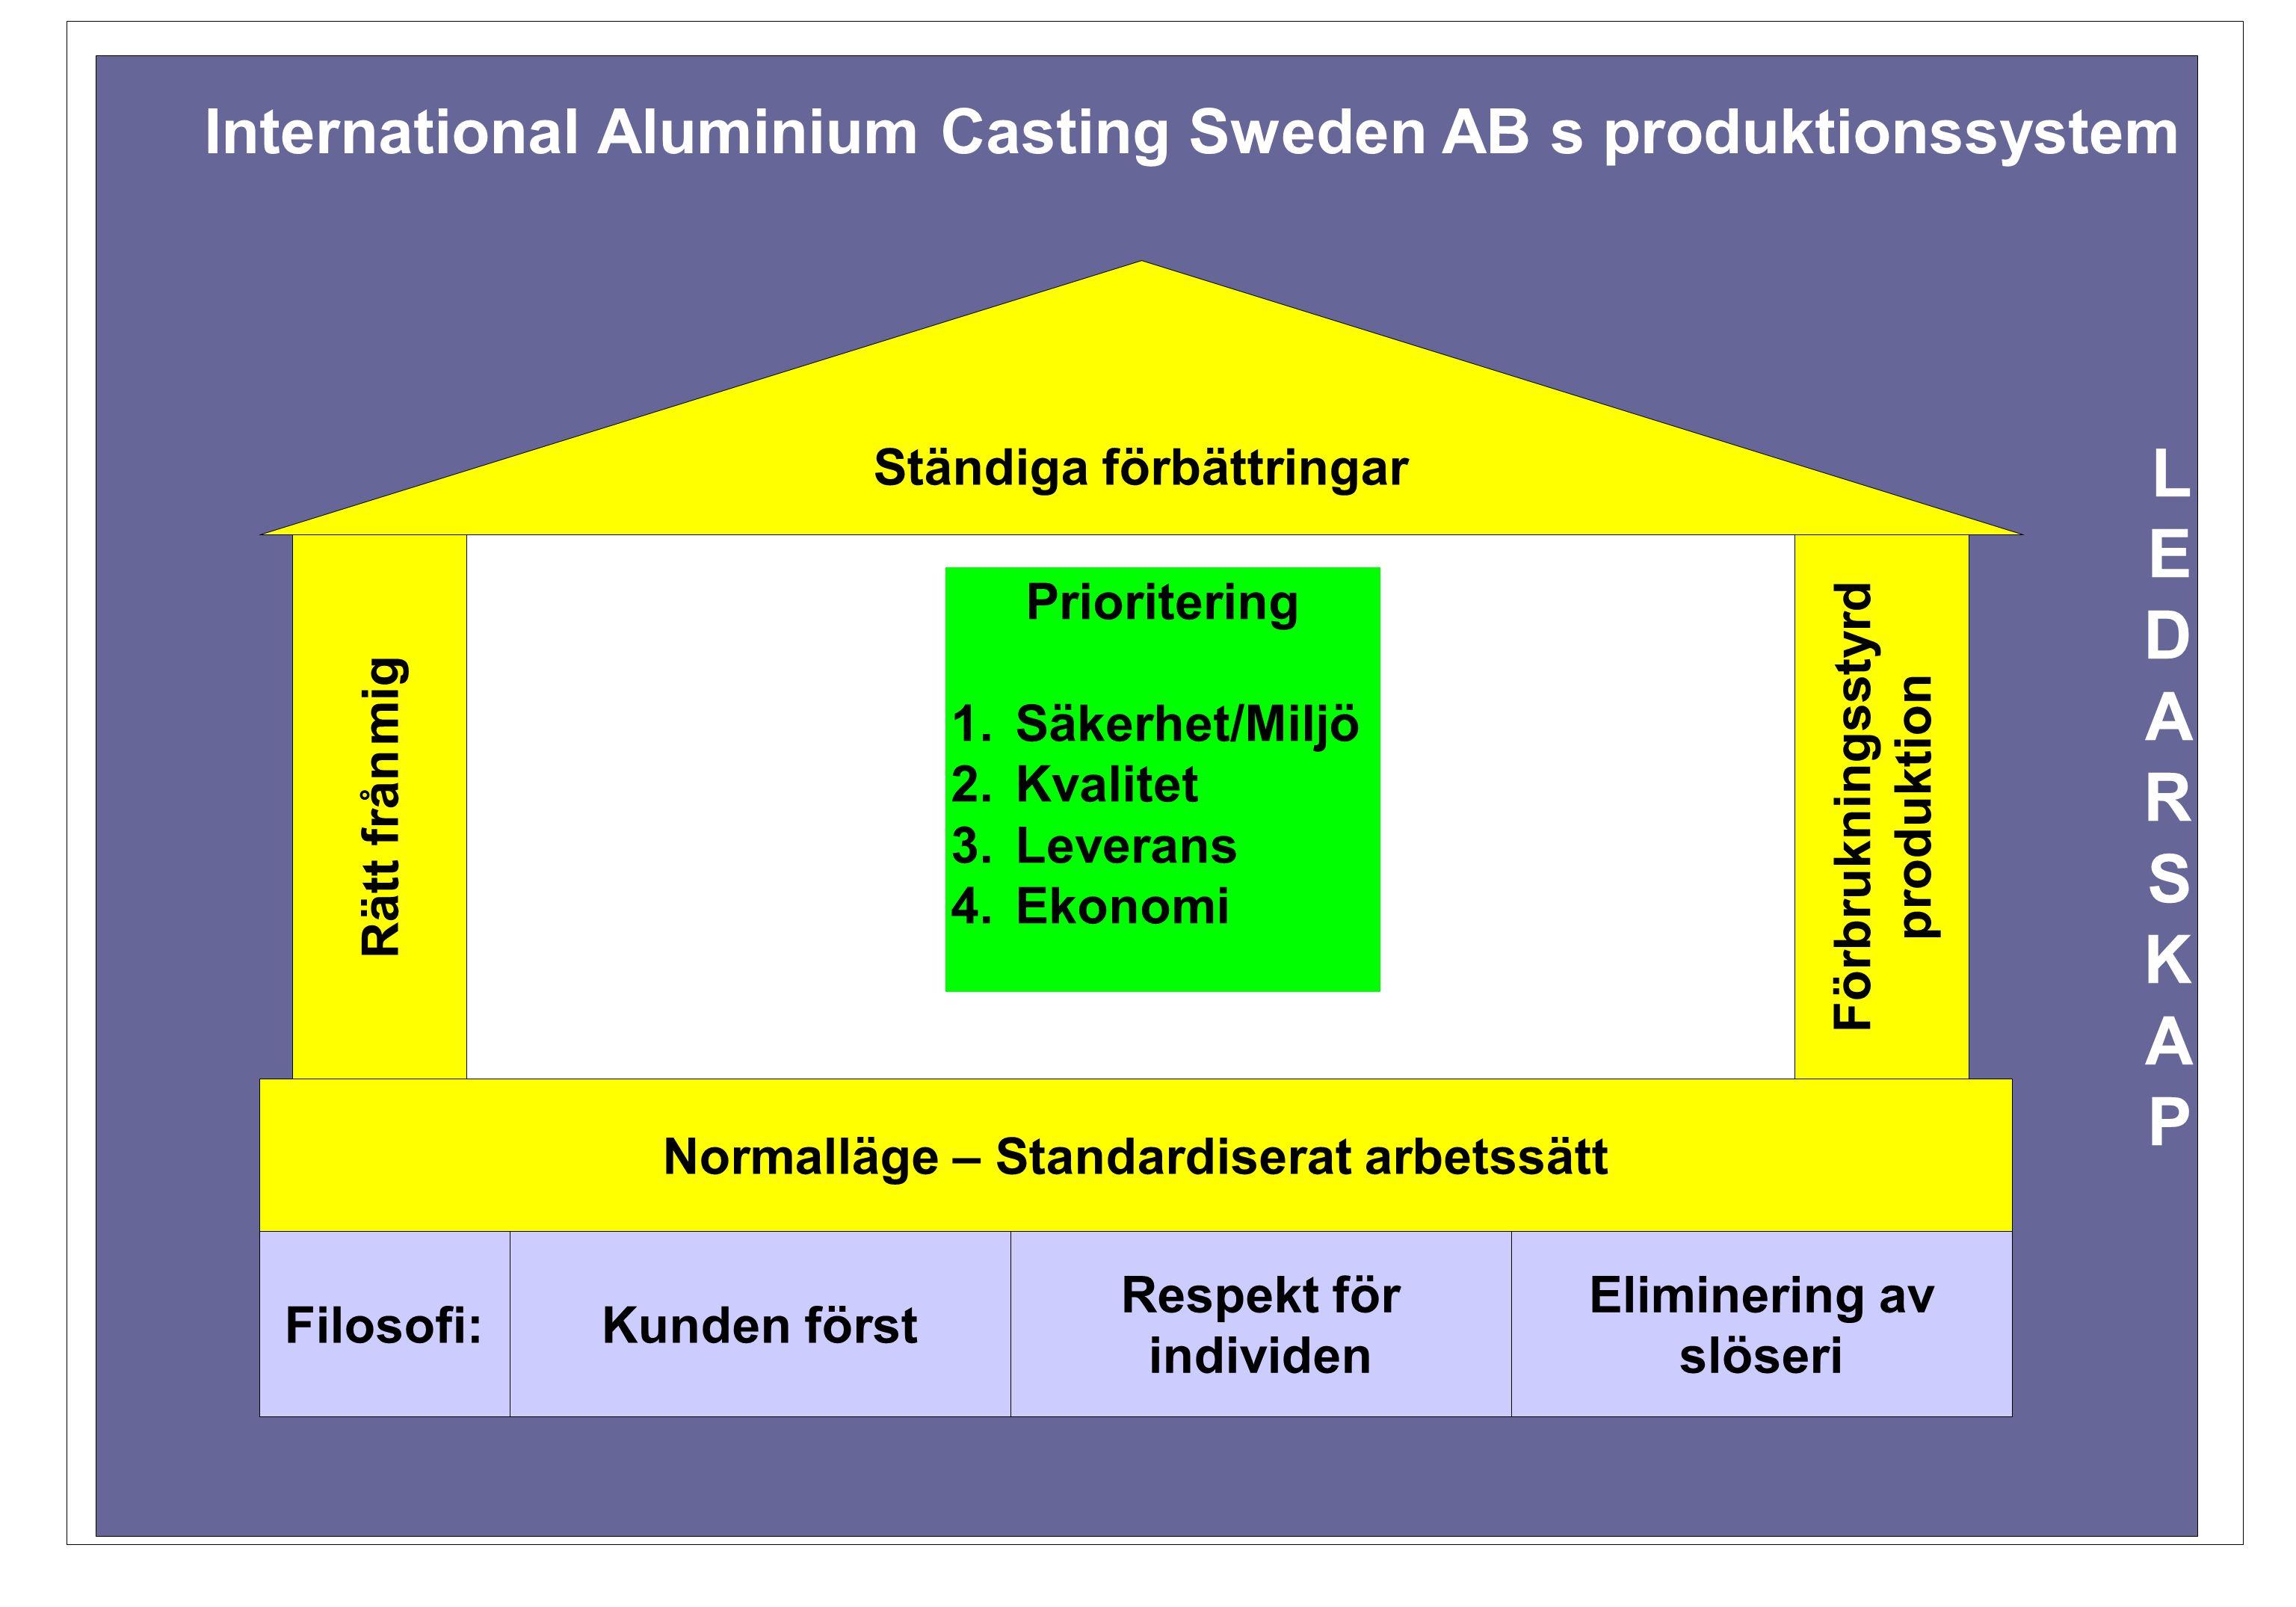 LEDARSKAPLEDARSKAP International Aluminium Casting Sweden AB s produktionssystem Ständiga förbättringar Rätt från mig Prioritering 1.Säkerhet/Miljö 2.